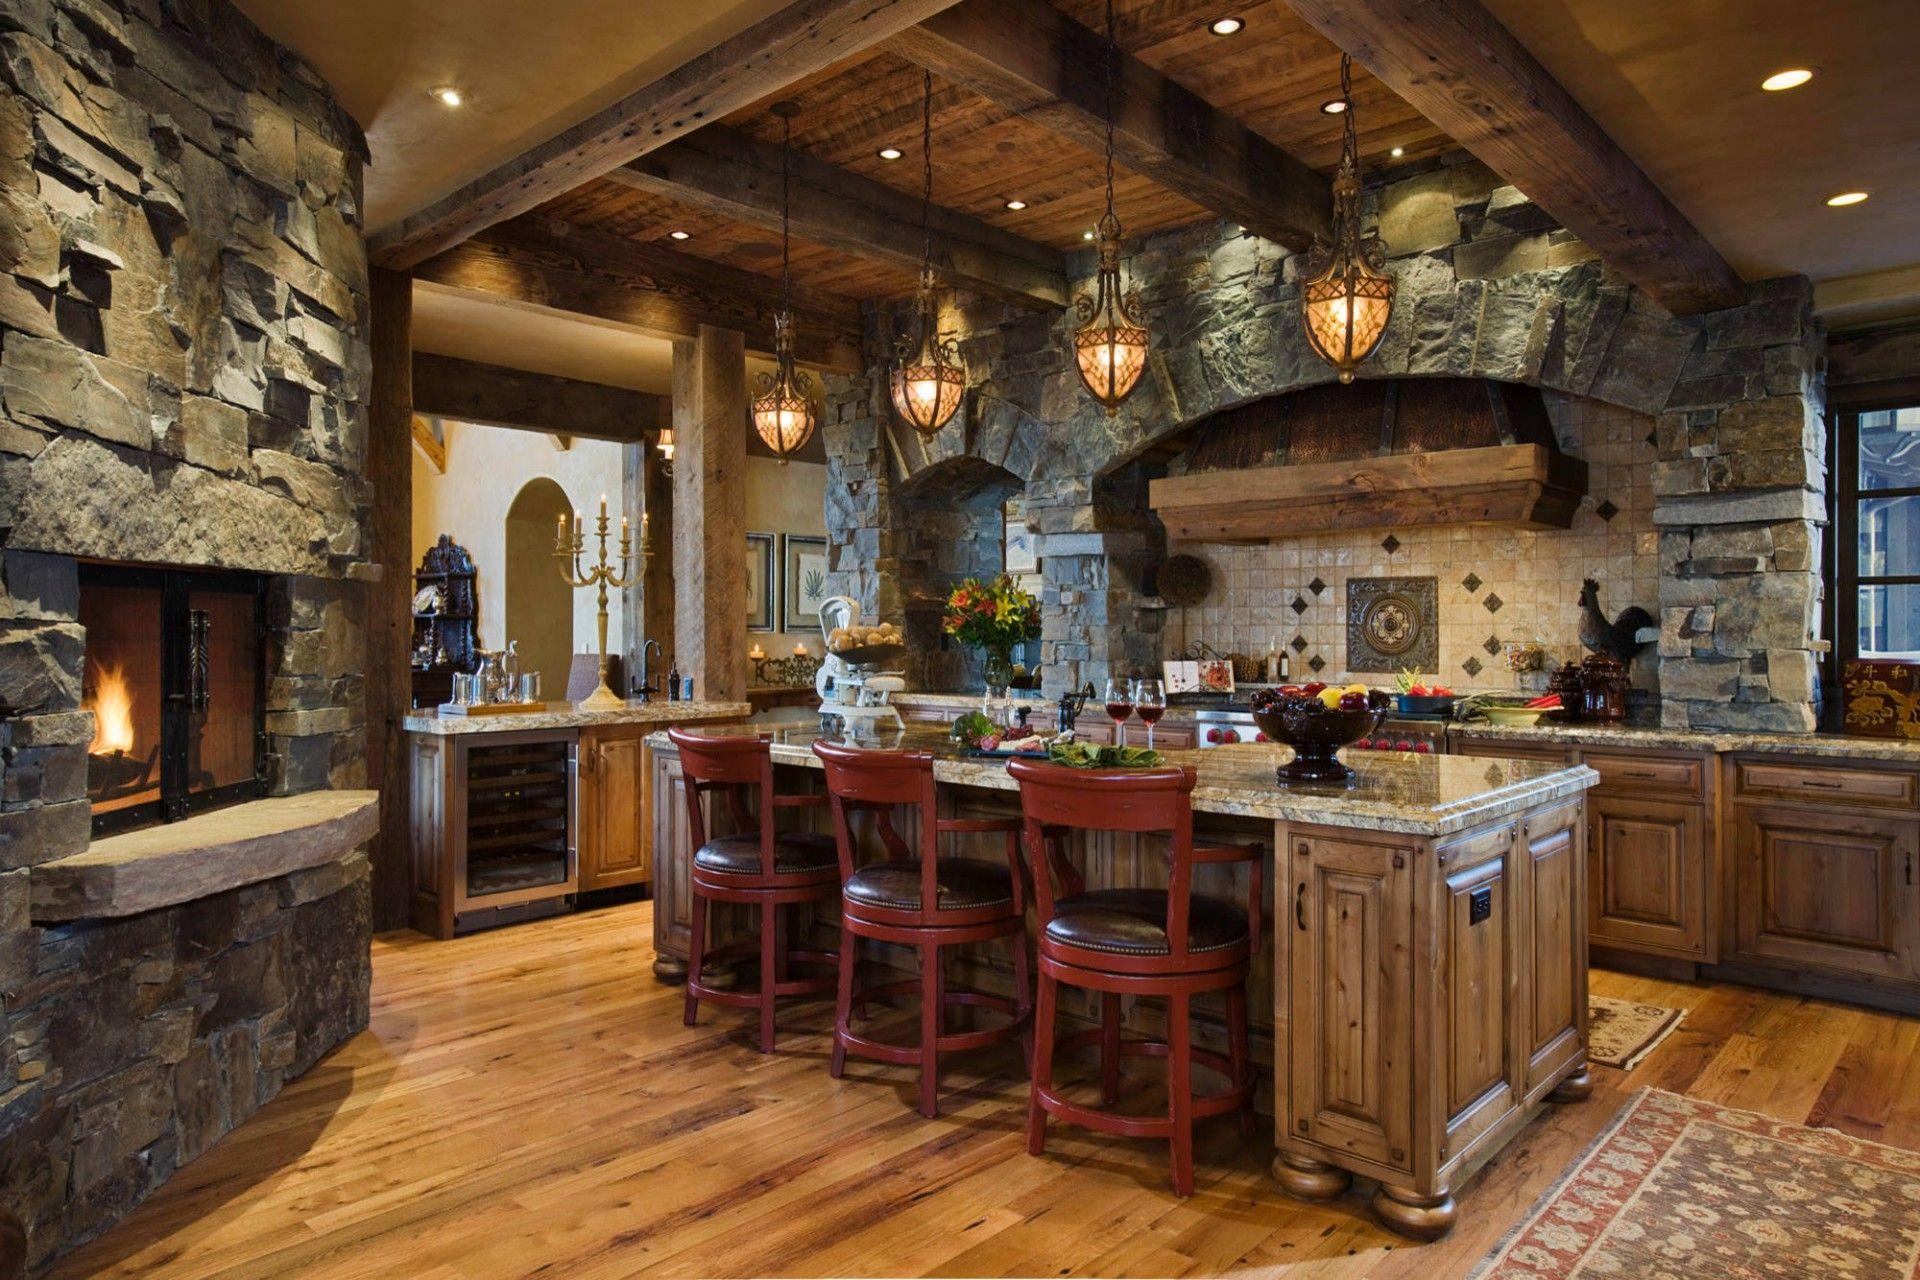 Духовка-печь из камня в интерьере кухни - фото 1